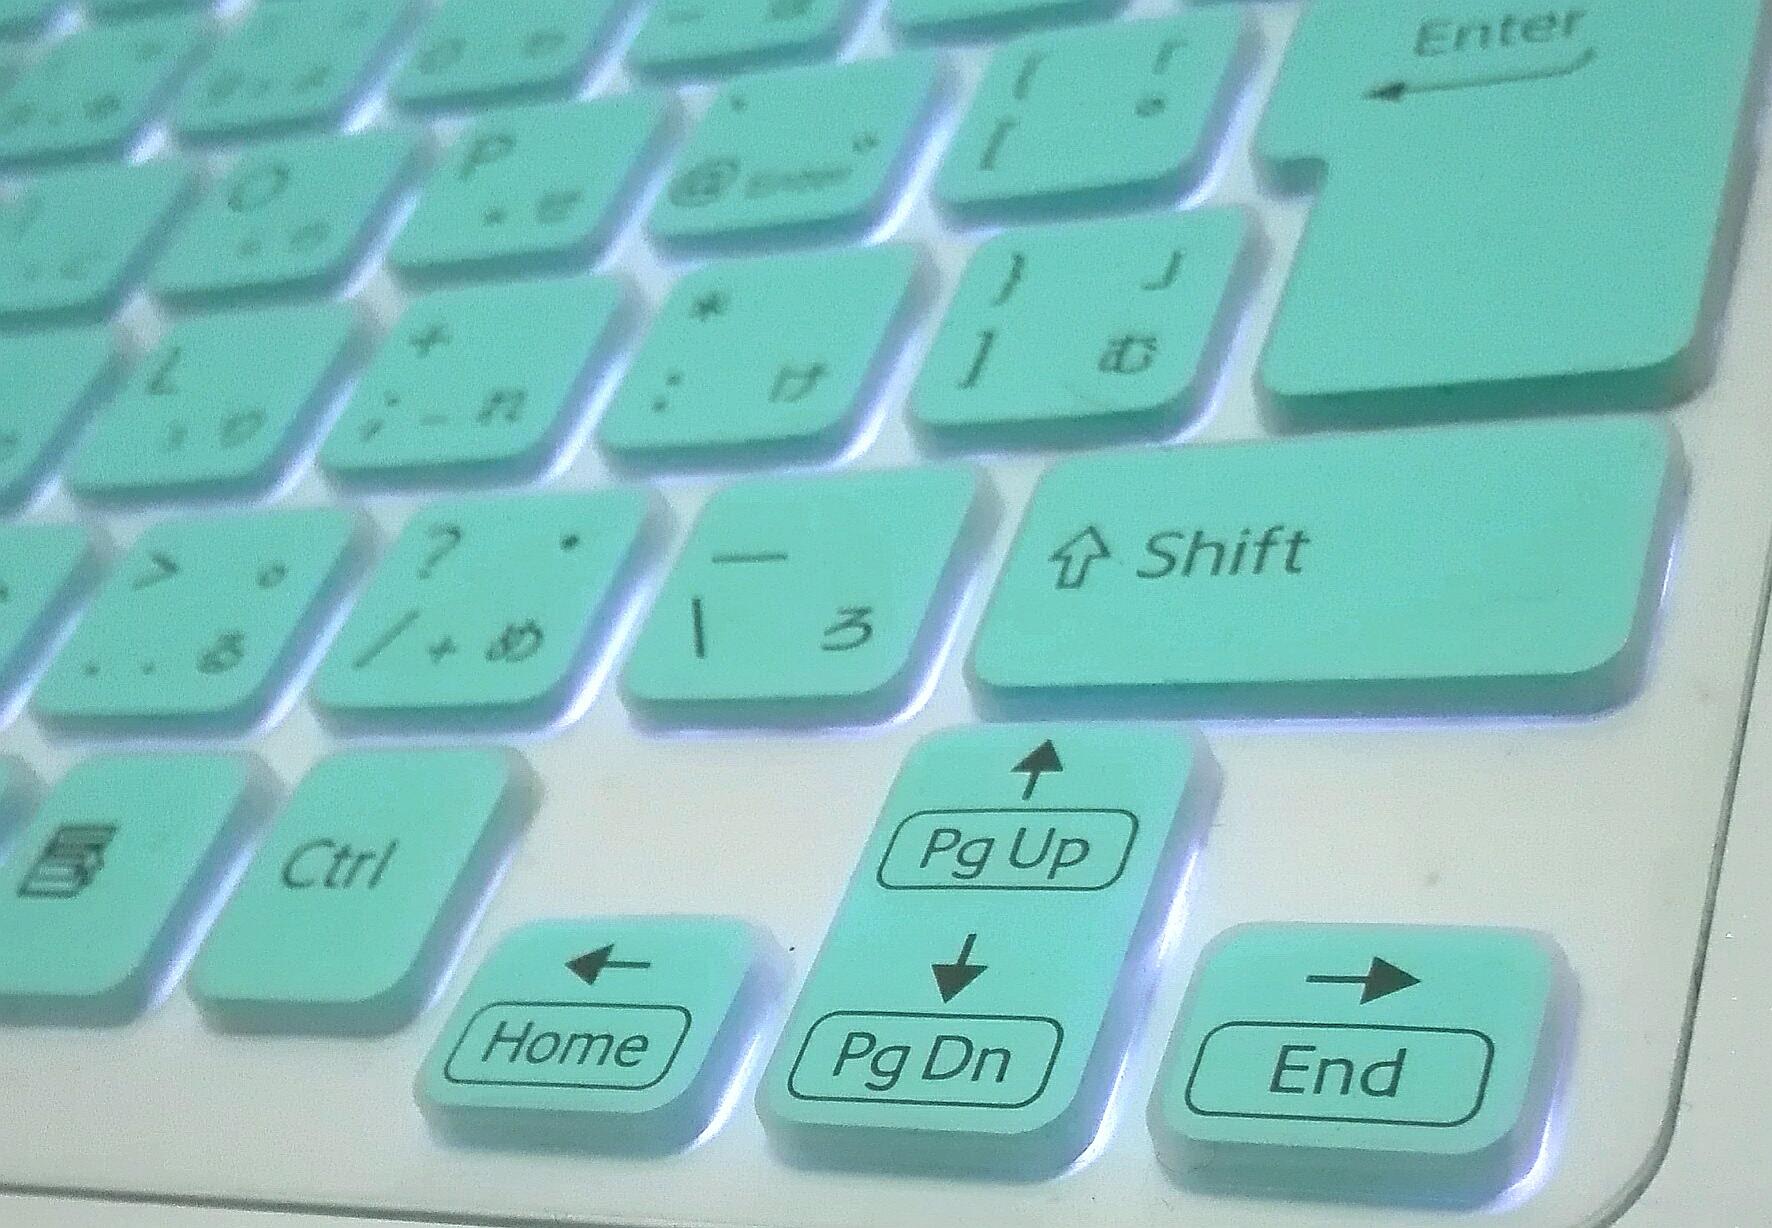 キーボードのEndボタン